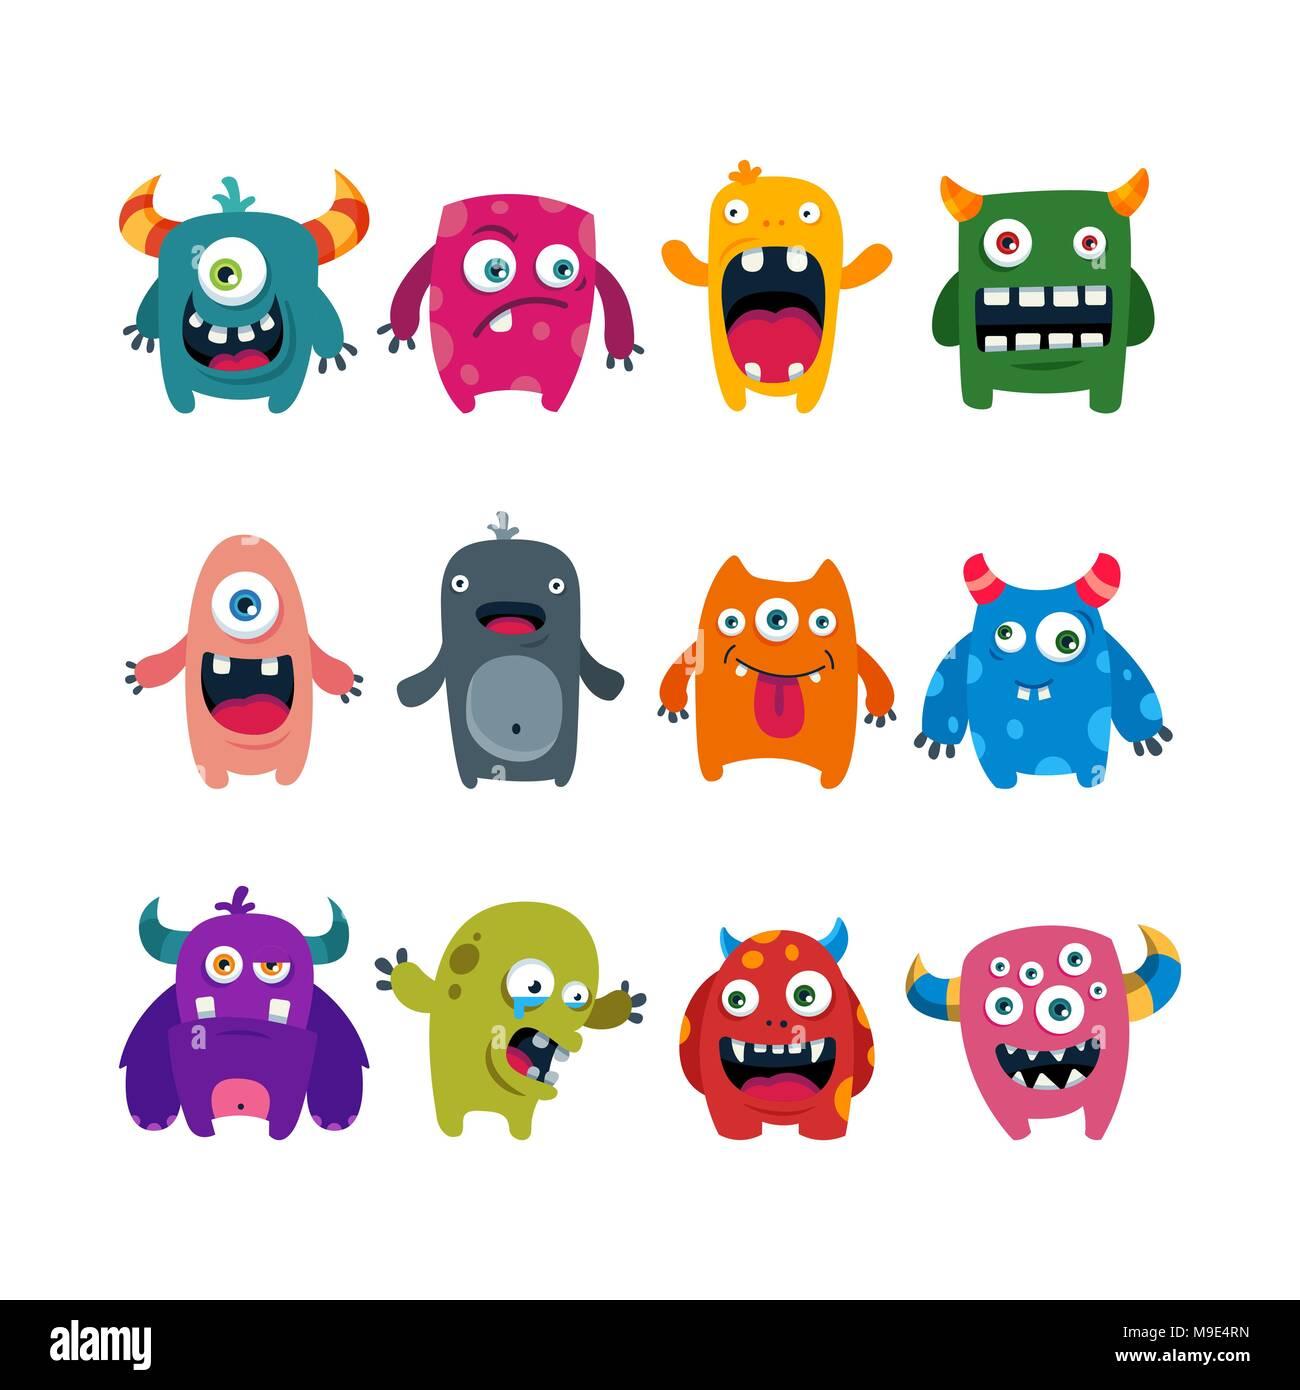 juego de cute dibujos animados monstruos plano ilustración